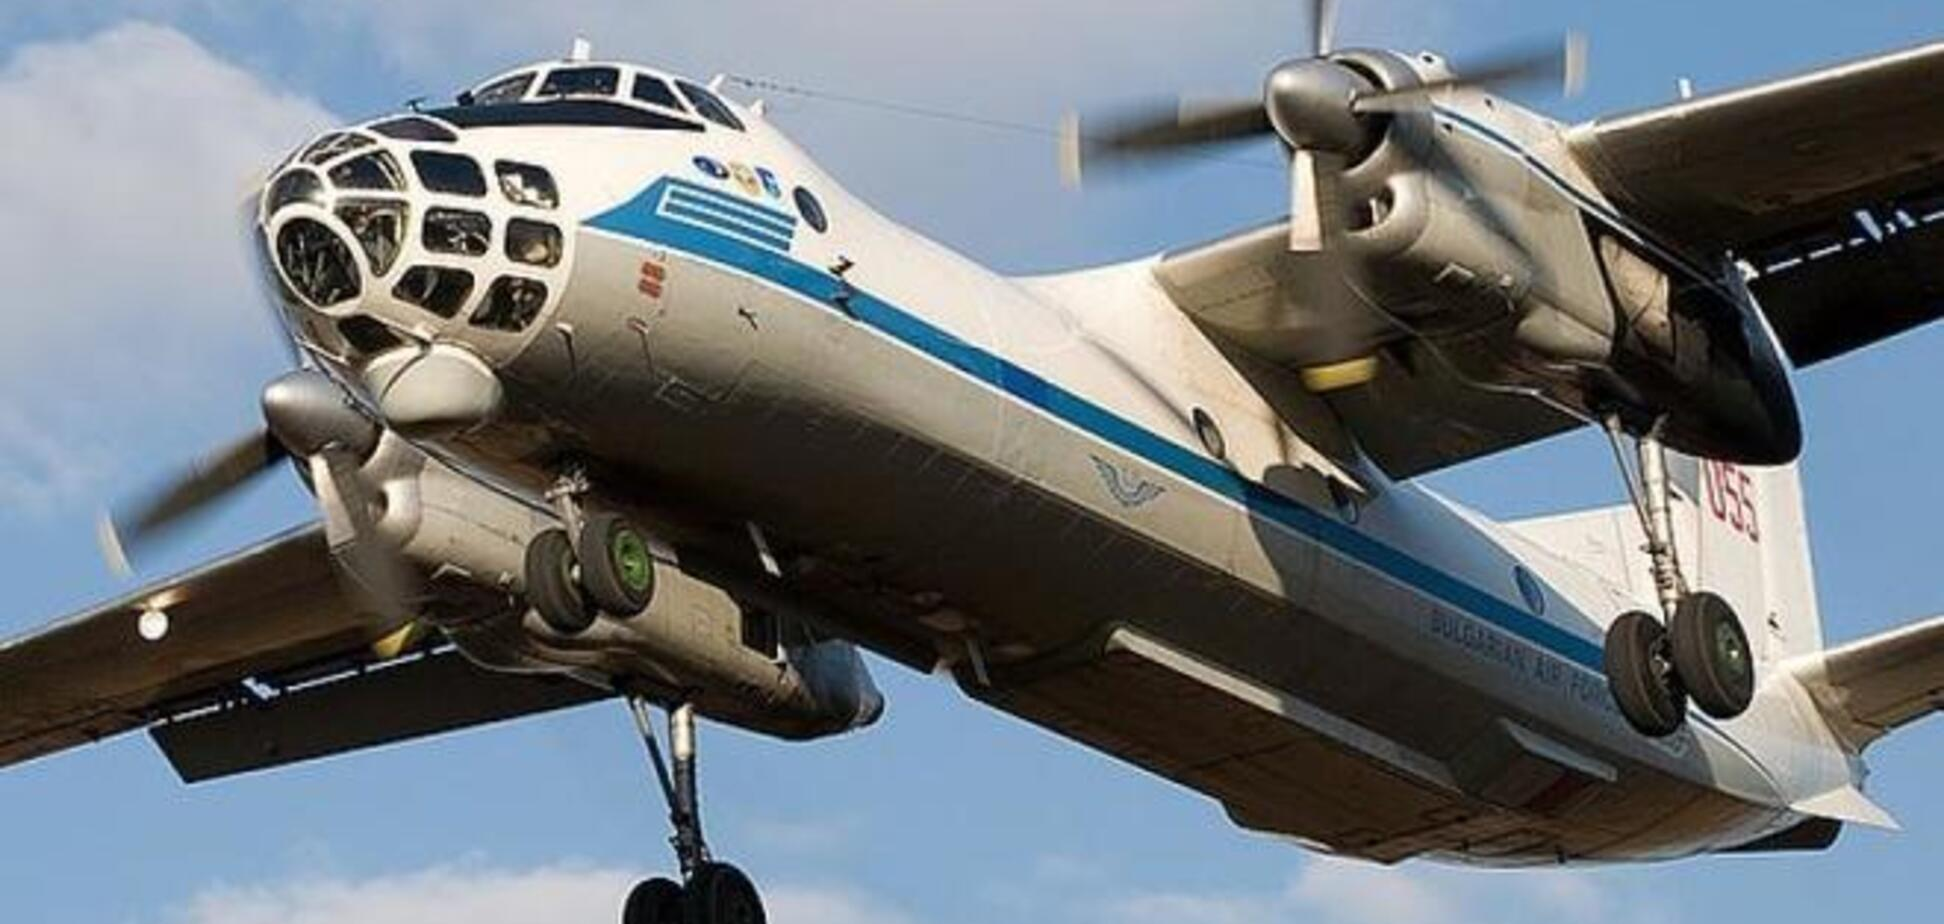 Погибли три члена экипажа Ан-26, сбитого под Славянском российским оружием